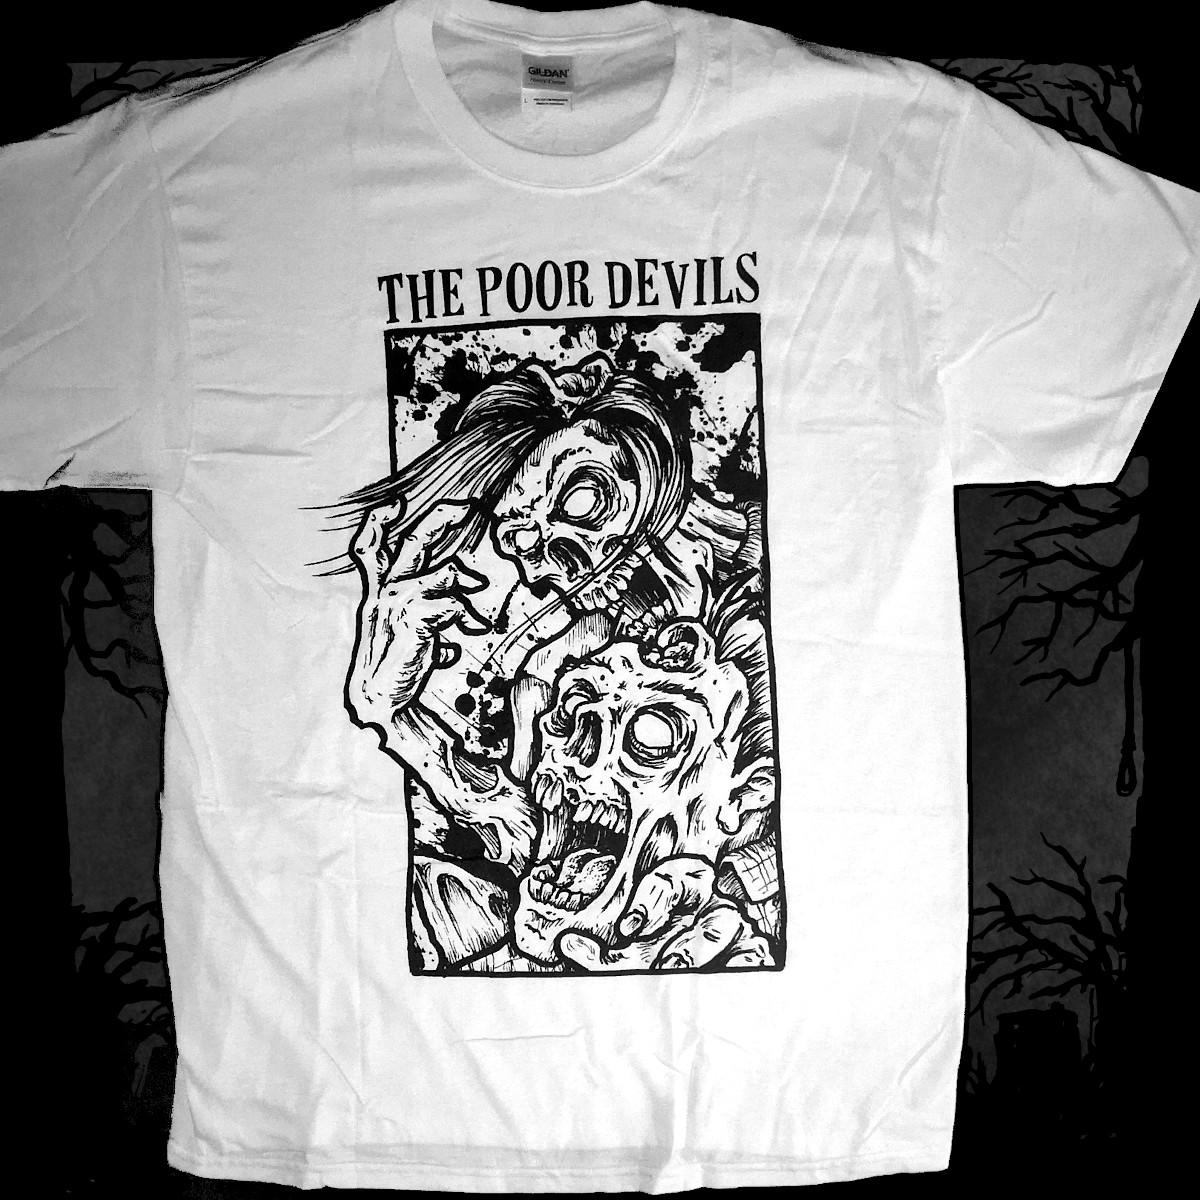 The Poor Devils - Skull [T-Shirt] (Farbe weiß: | Druck: schwarz)